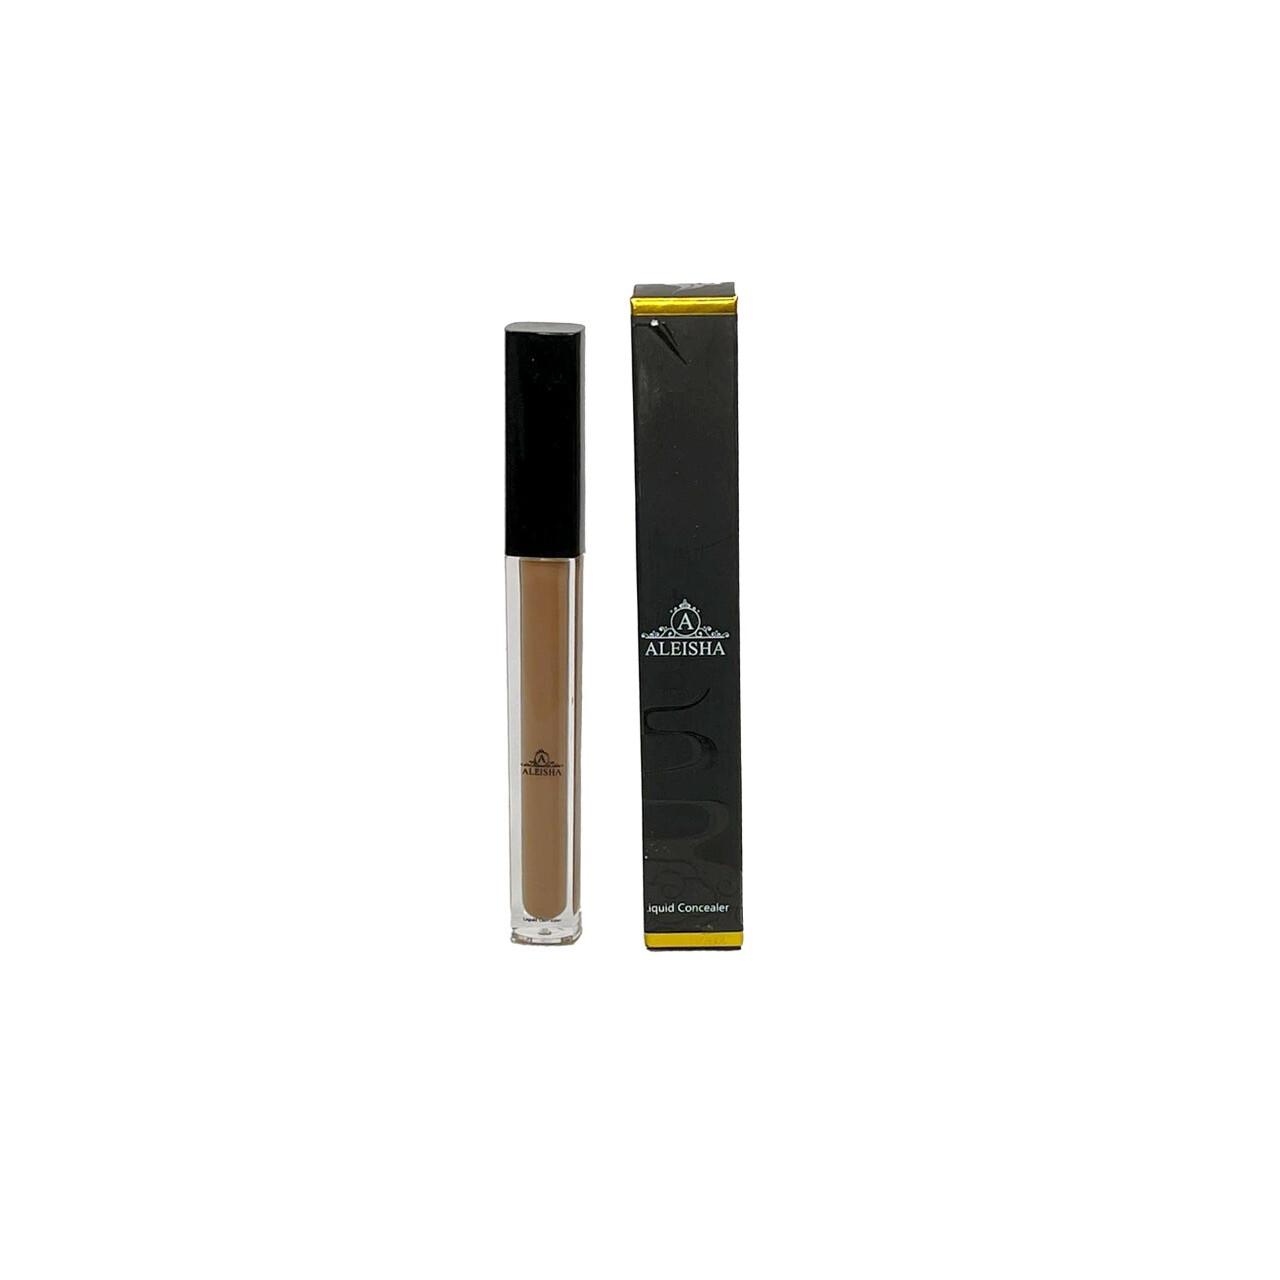 Aleisha Liquid Concealer No.2